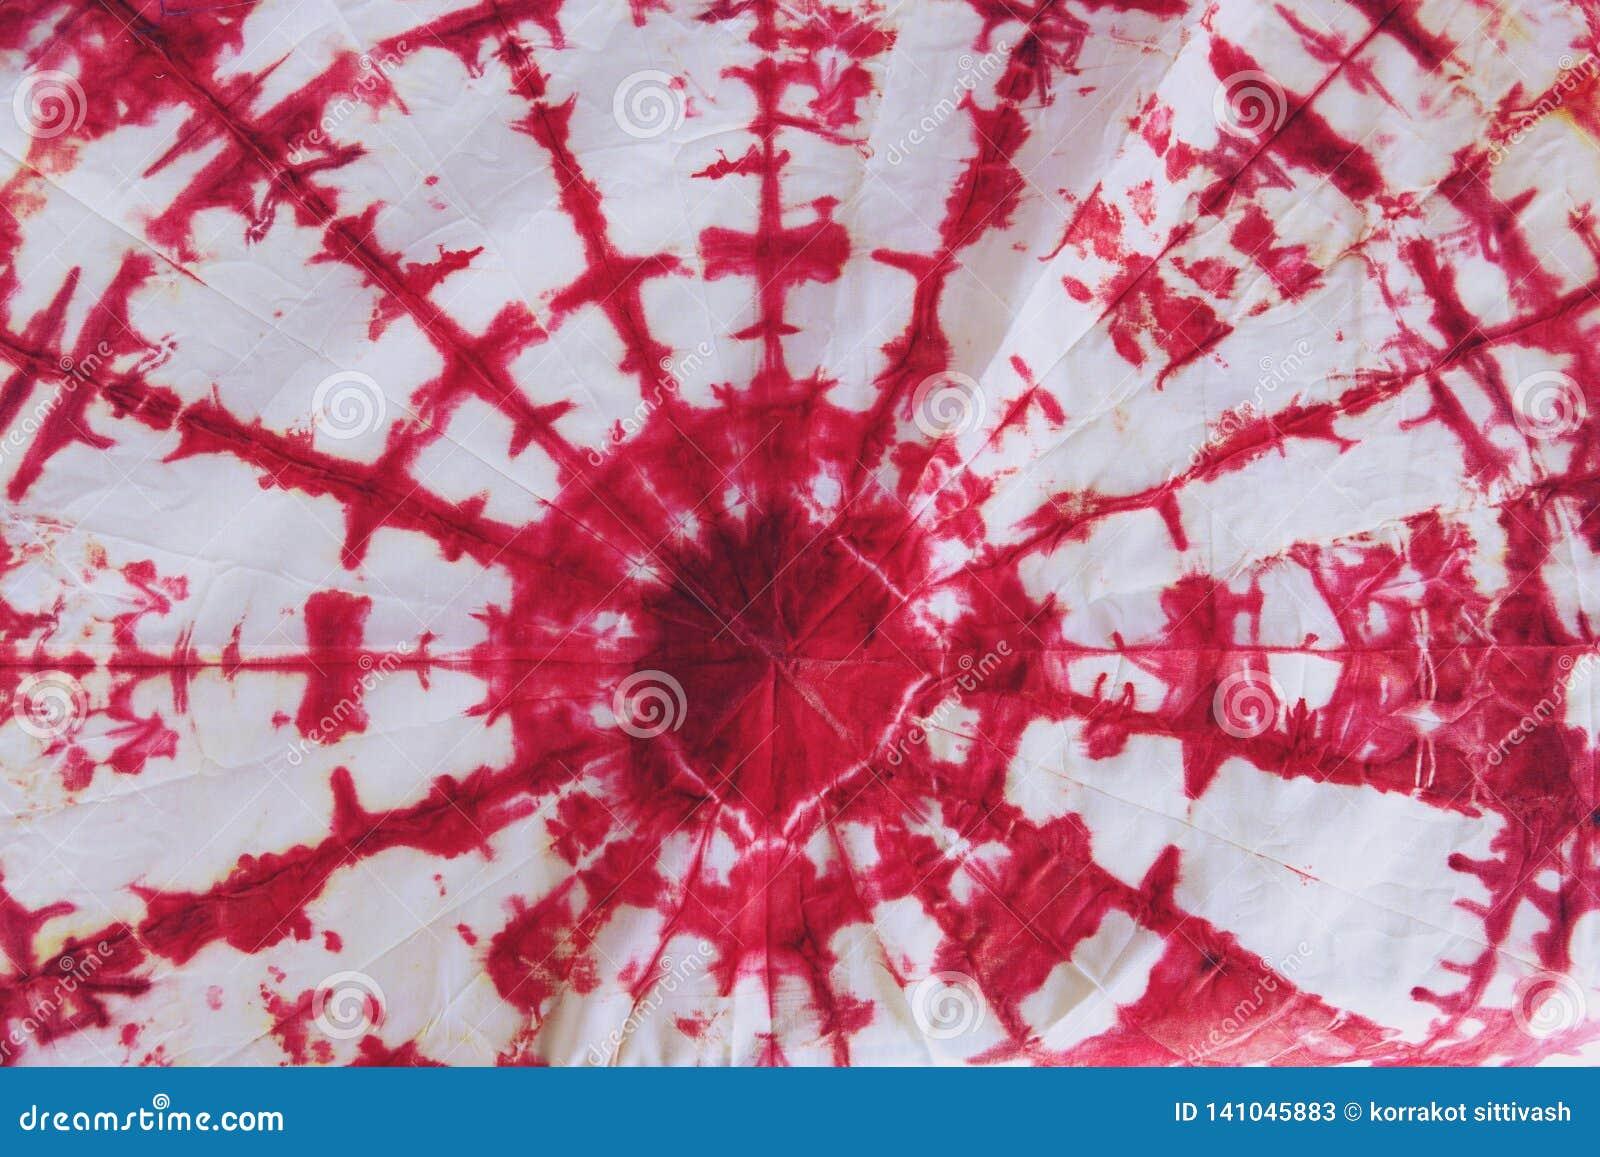 Det abstrakta bandet färgade tyg av röd färg på vit bomull